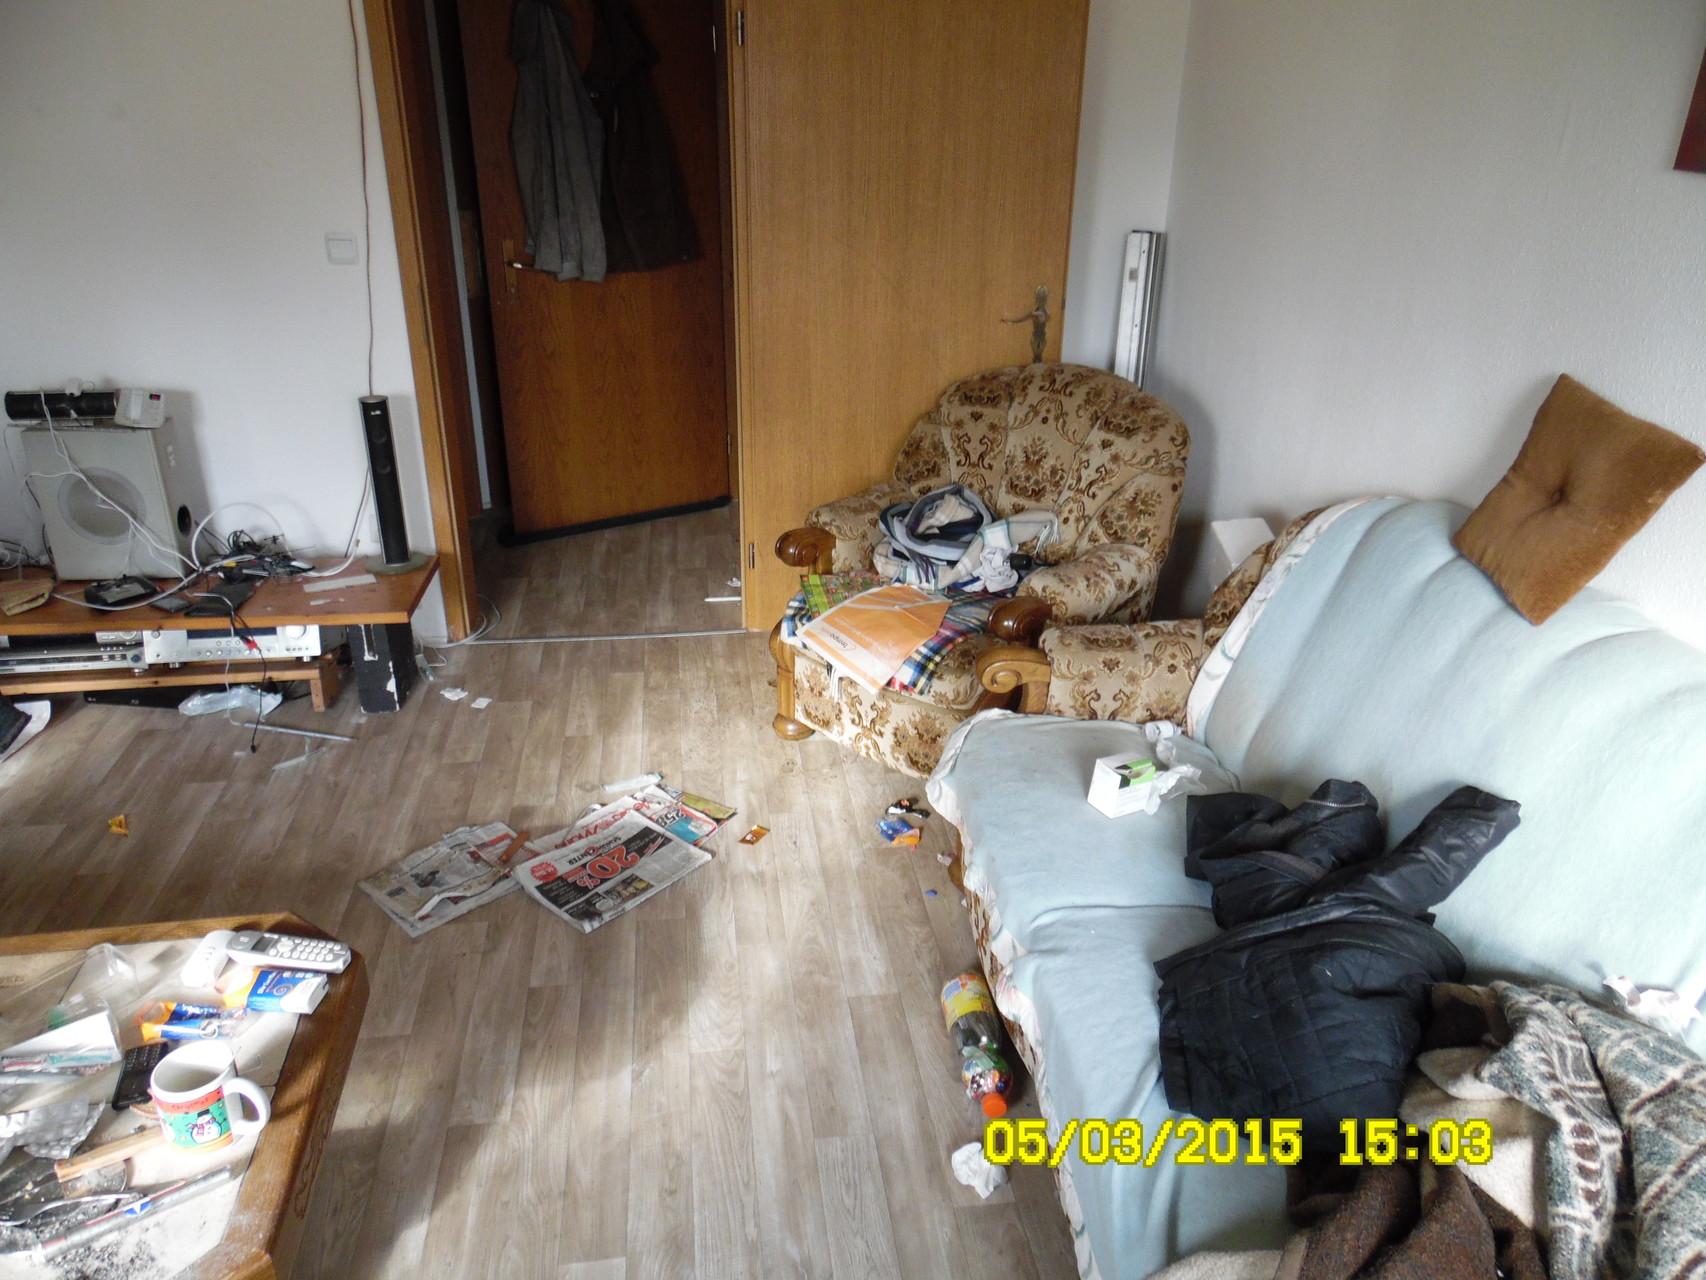 Das Wohnzimmer war zügig geräumt